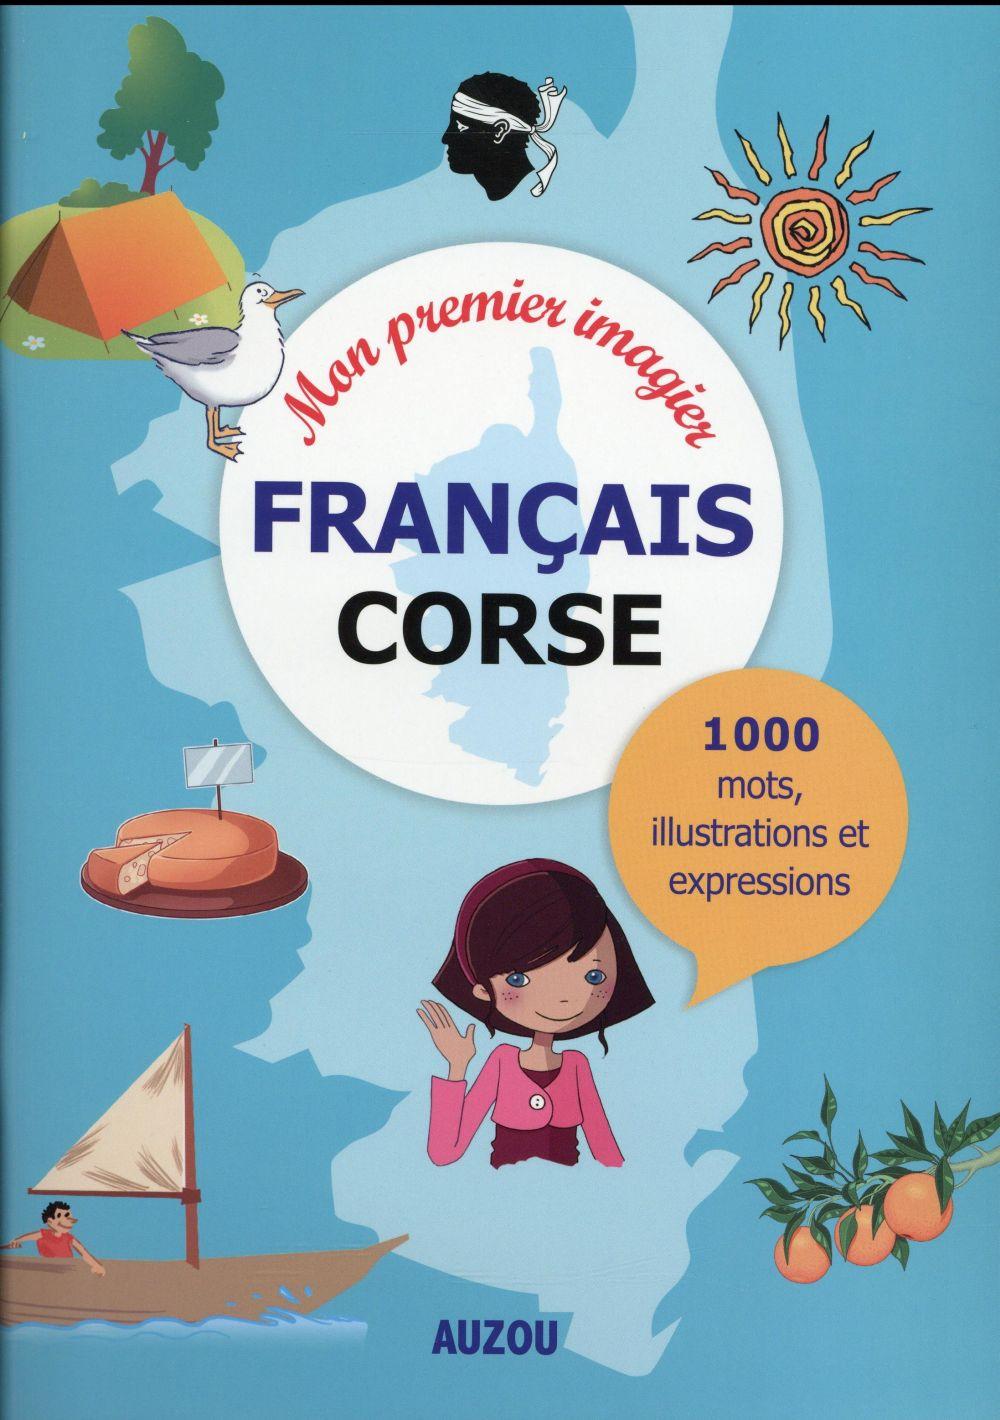 MON PREMIER IMAGIER FRANCAIS C